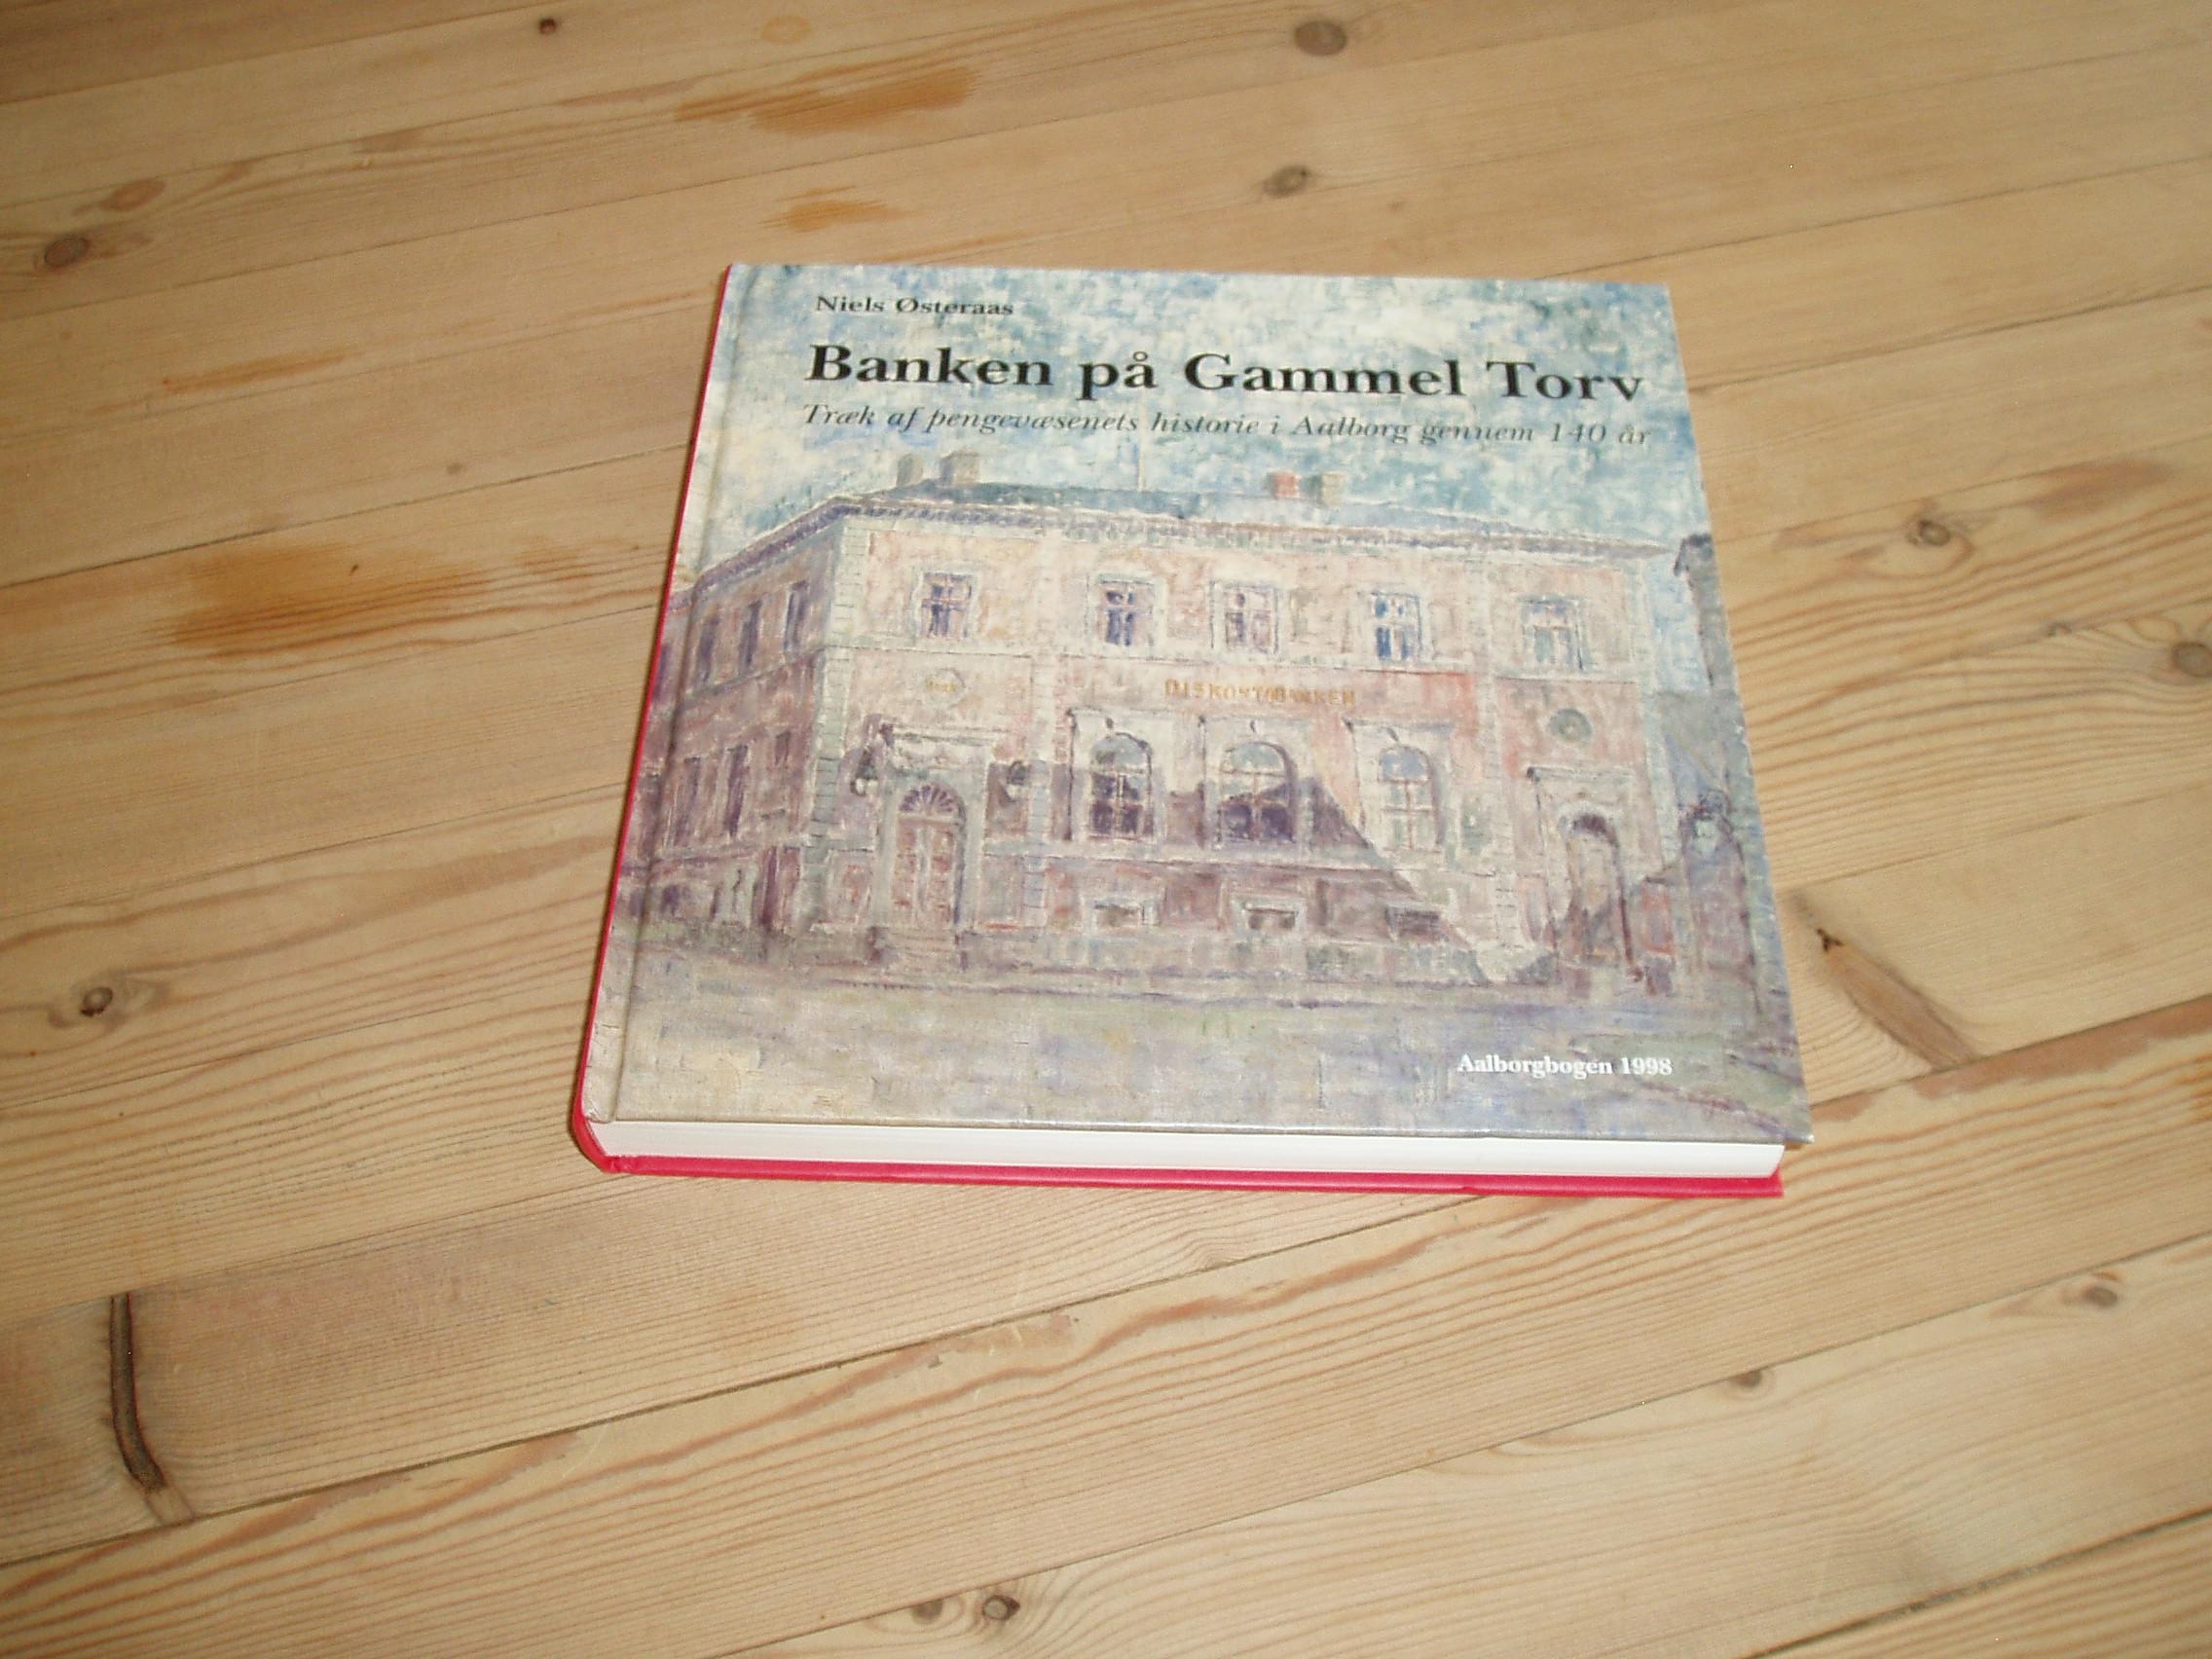 Banken på Gammel Torv.  Træk af pengevæsents historie i Aalborg